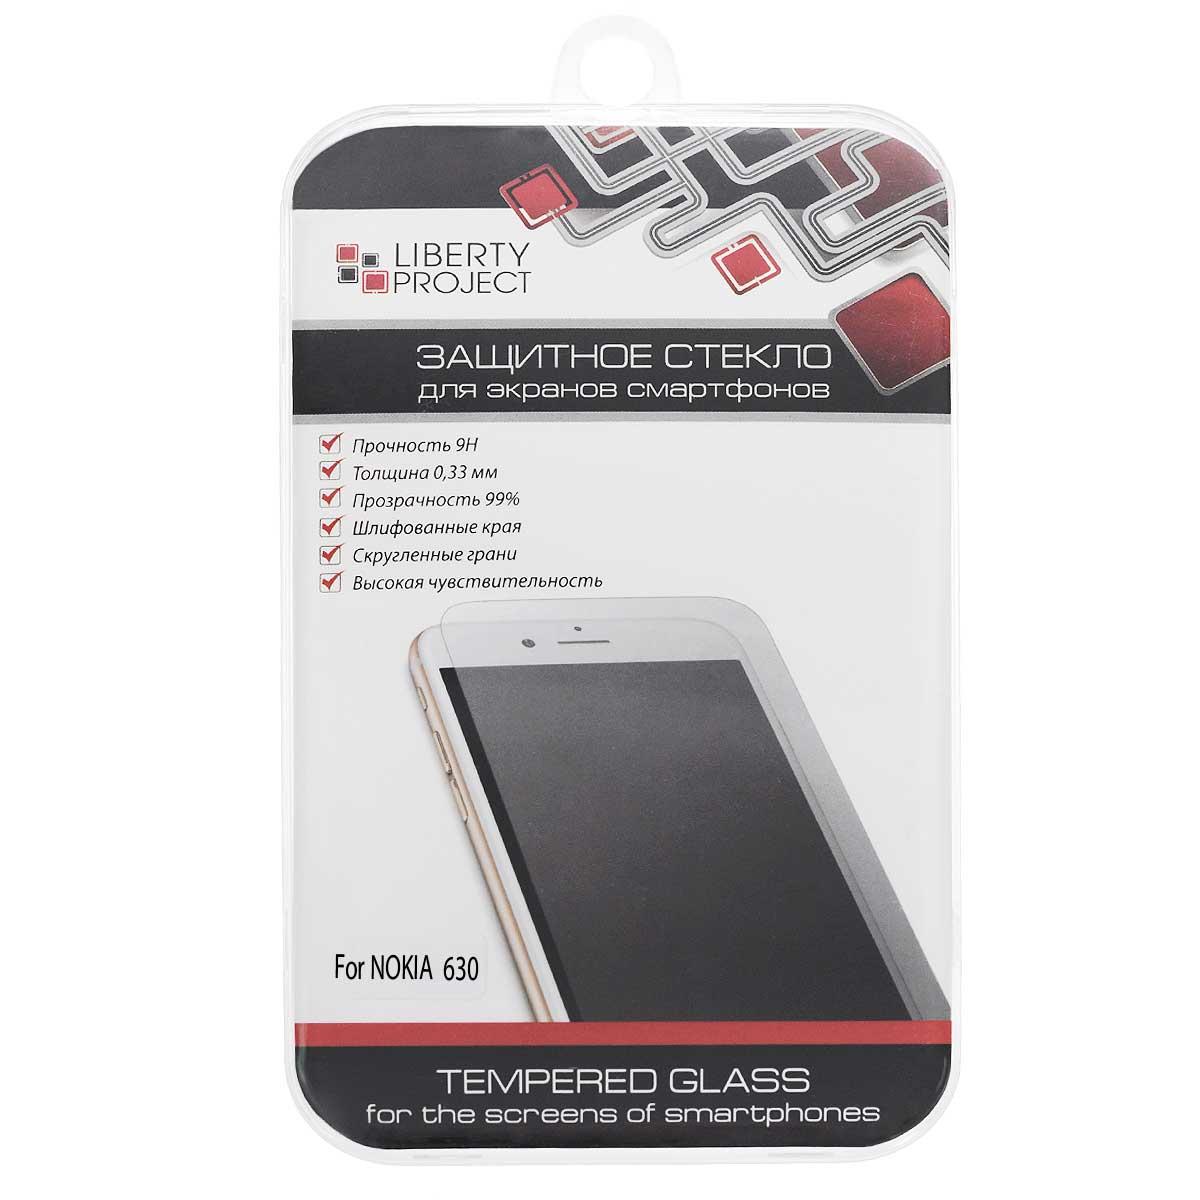 Liberty Project Tempered Glass защитное стекло для Nokia 630, Clear (0,33 мм)0L-00000527Защитное стекло Liberty Project Tempered Glass предназначено для защиты поверхности экрана, от царапин, потертостей, отпечатков пальцев и прочих следов механического воздействия. Гарантирует высокую чувствительность при работе с устройством. Данная модель также обладает антибликовым и водоотталкивающим эффектом.